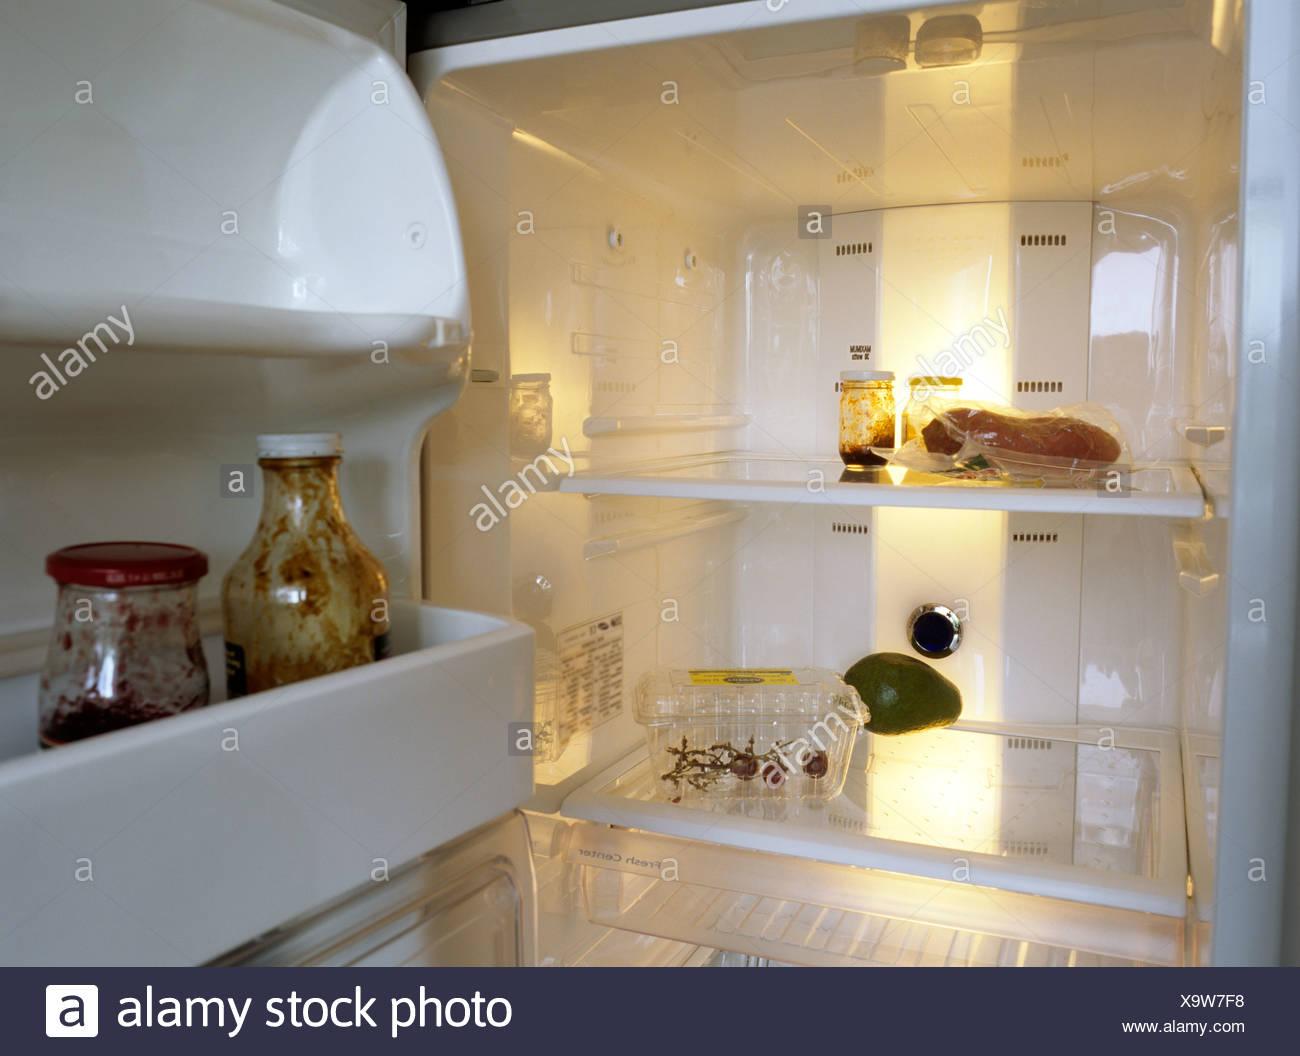 Kühlschrank Q : Blick in ein fast leerer kühlschrank stockfoto bild